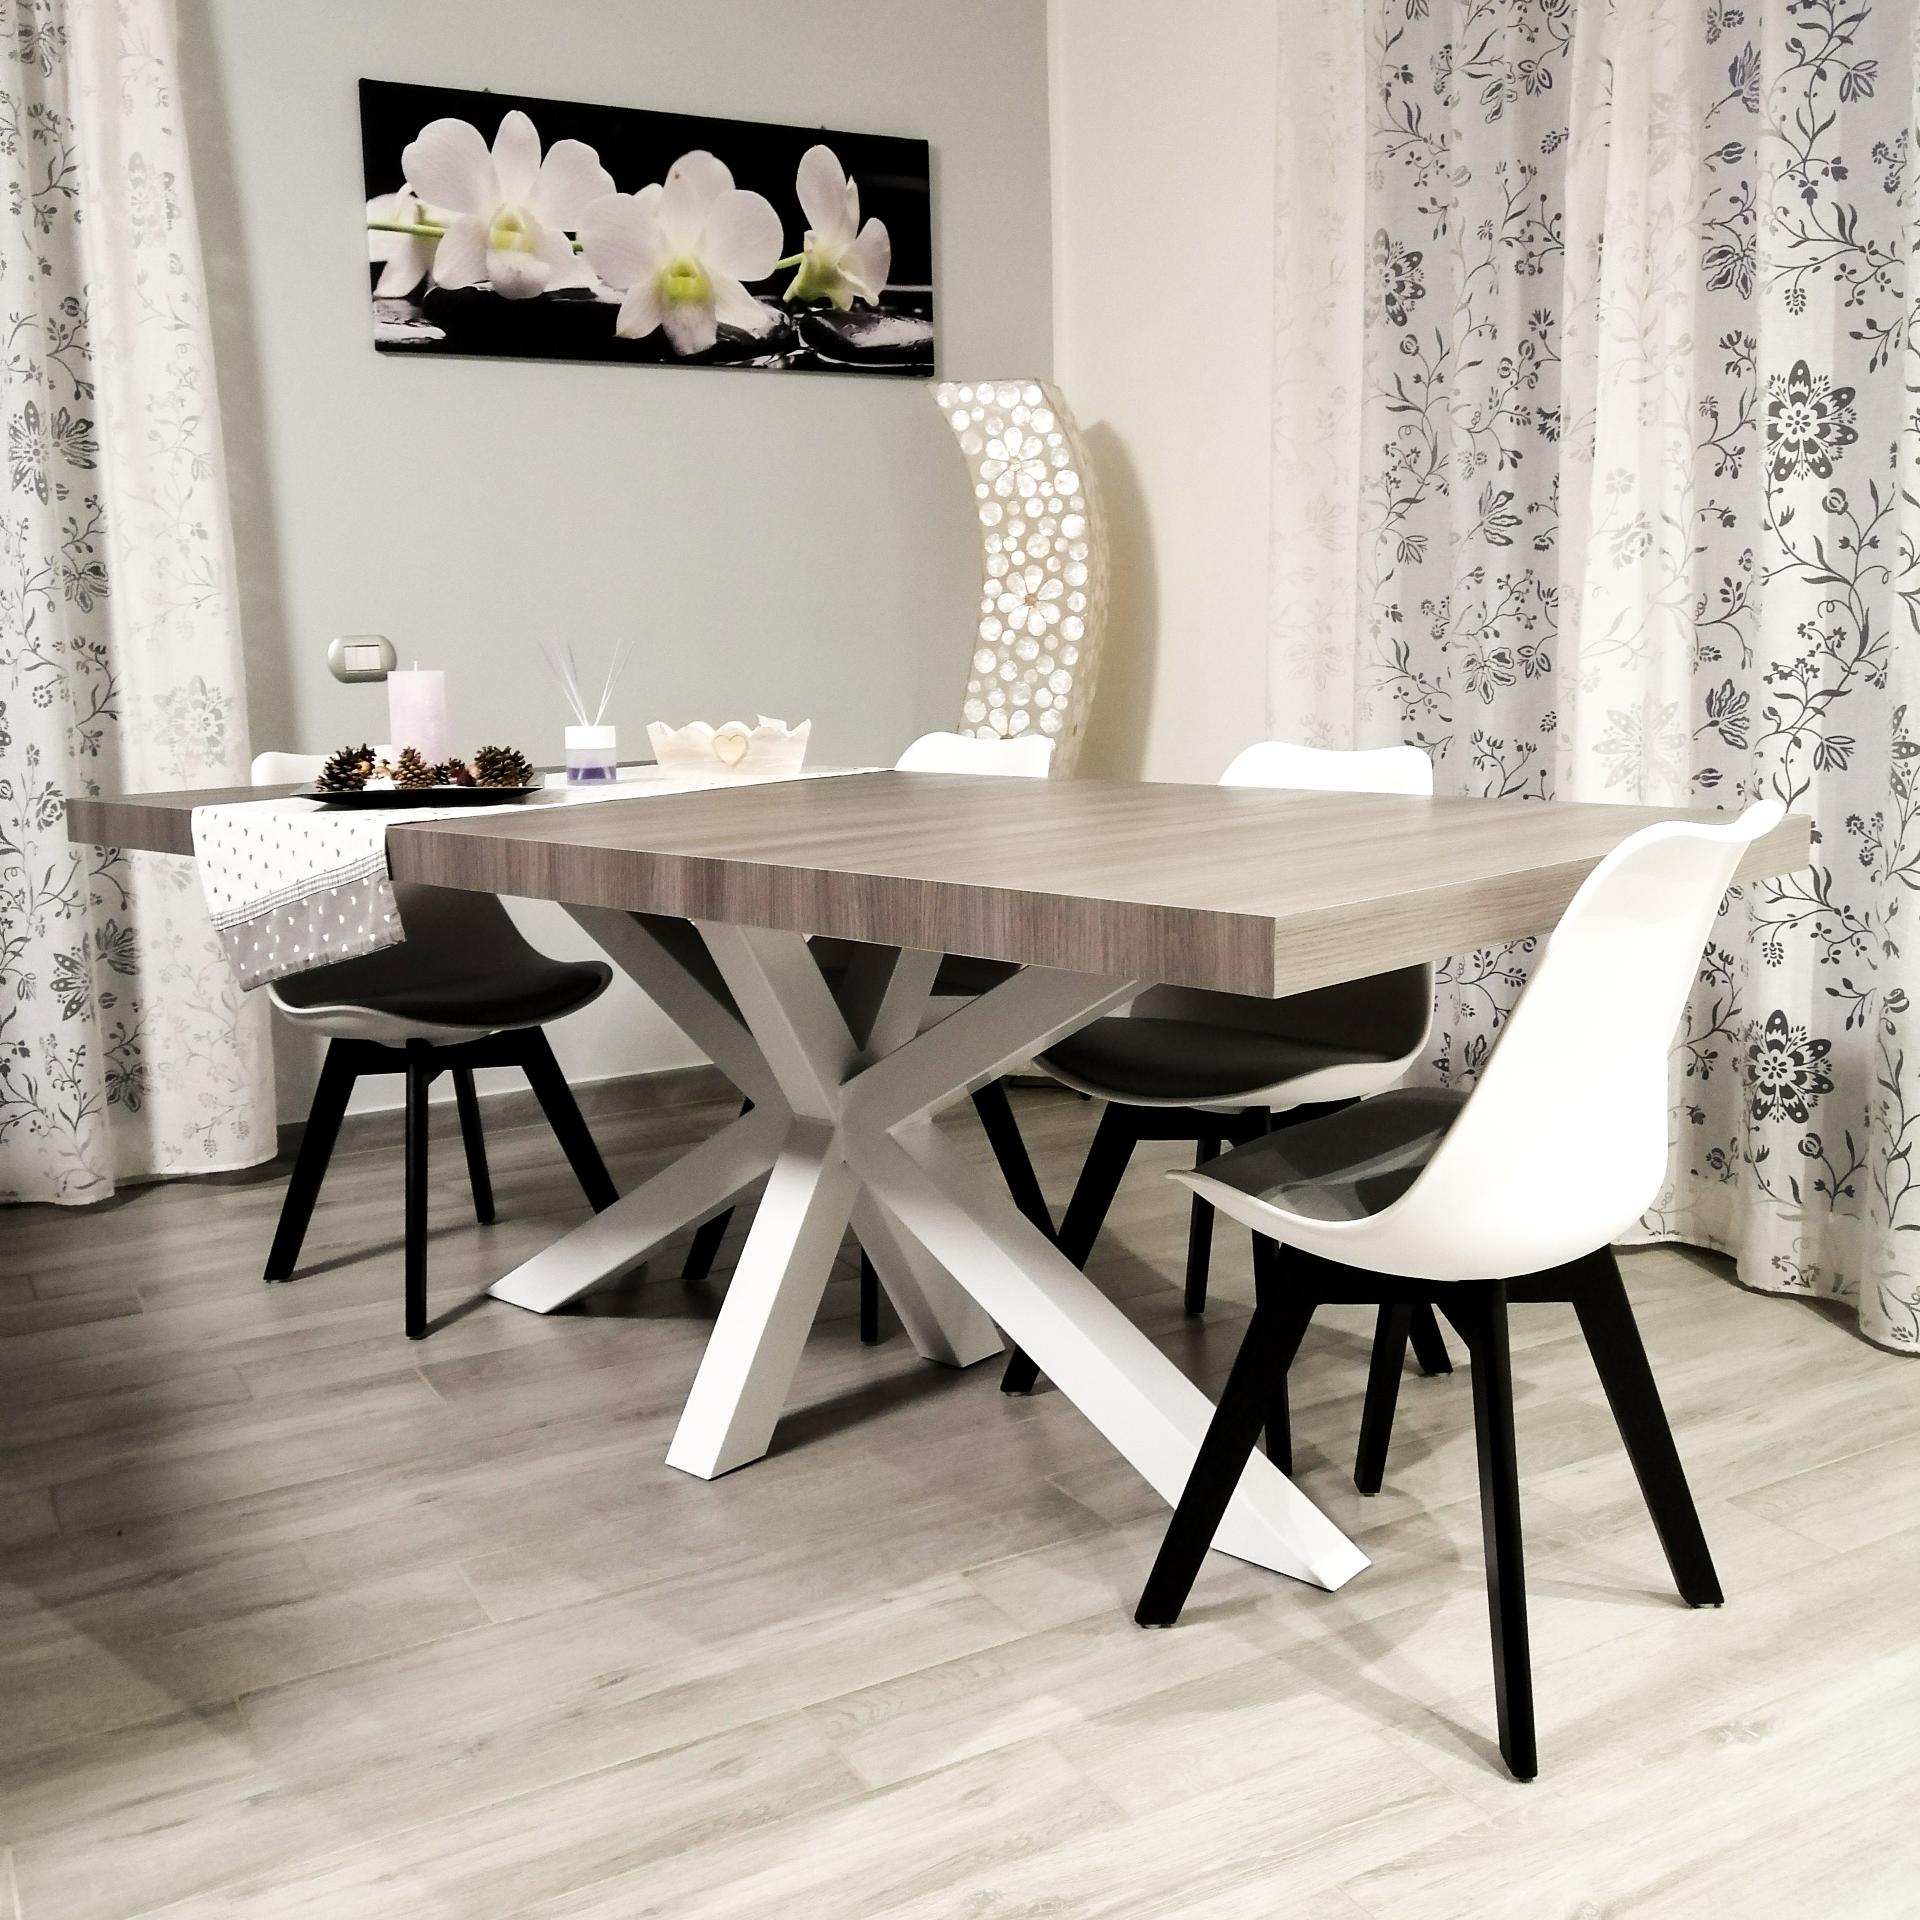 Tavolo Da Cucina Moderno.Tavolo Da Cucina Salomone Nel 2020 Tavolo Moderno Tavolo Da Soggiorno Tavolo Cucina